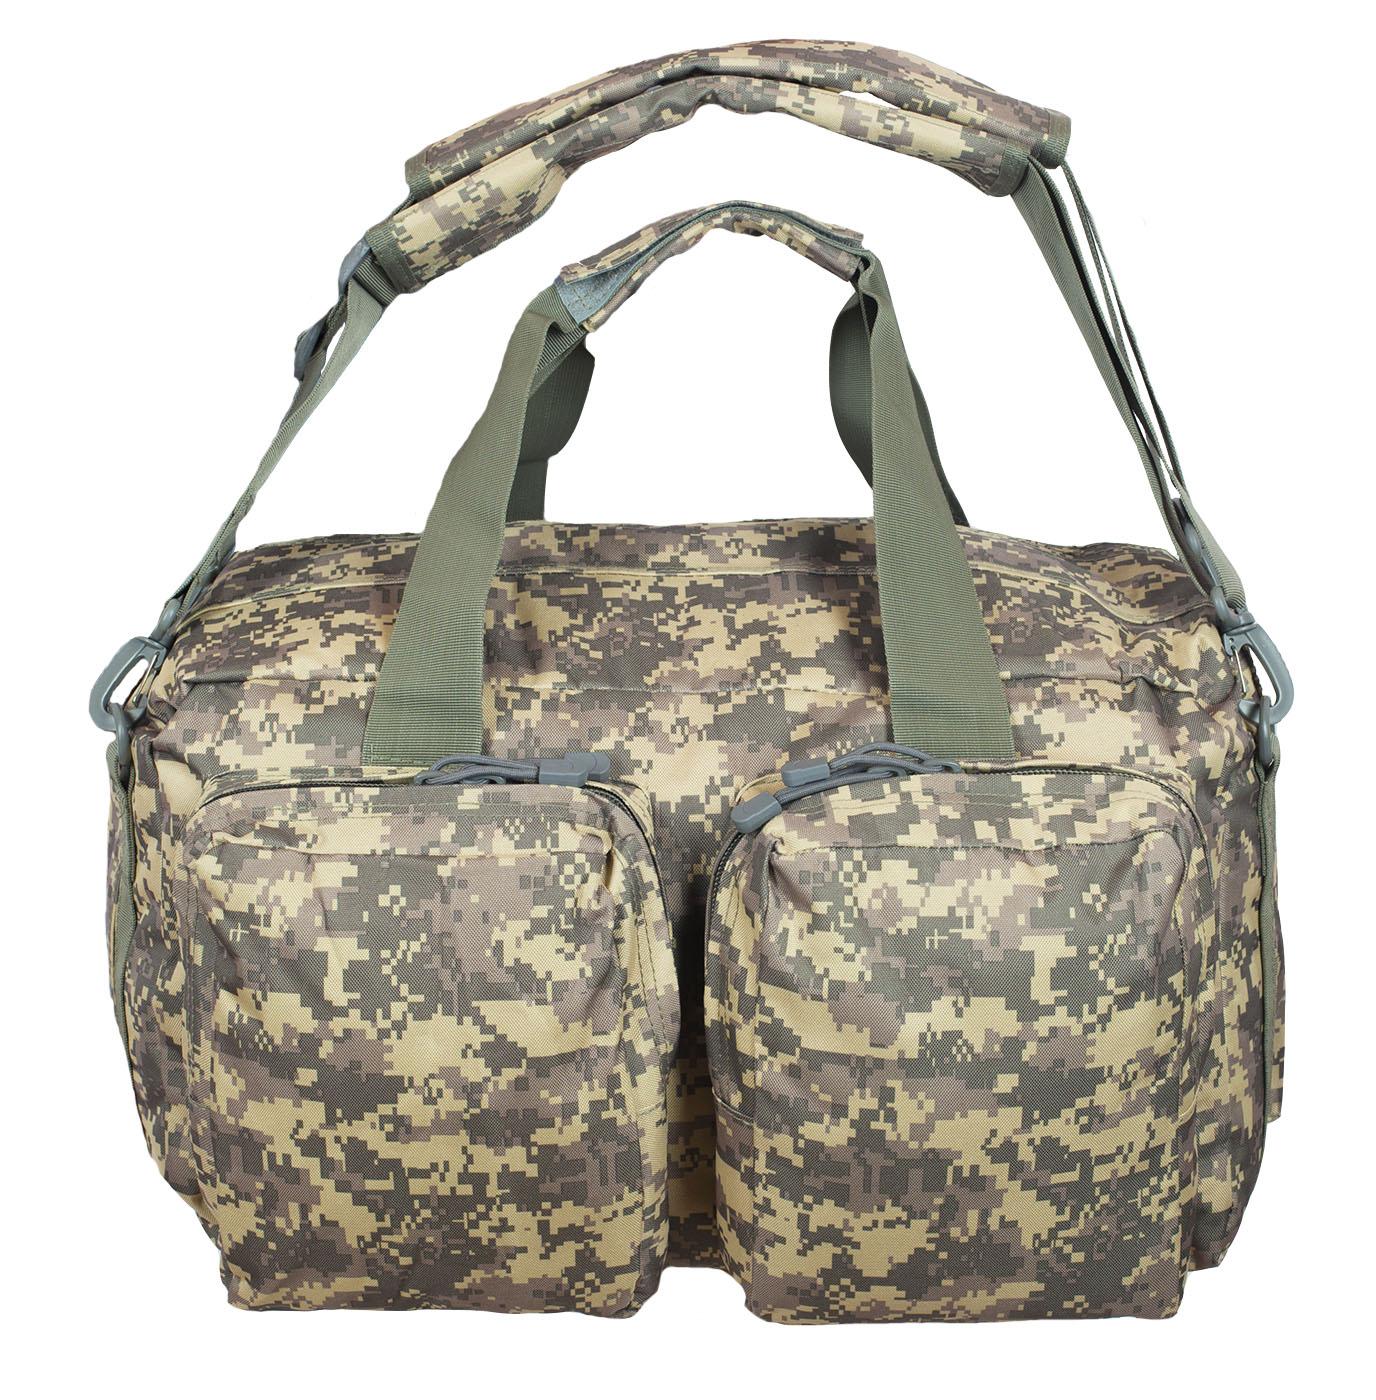 Армейская камуфляжная сумка-рюкзак ВКС